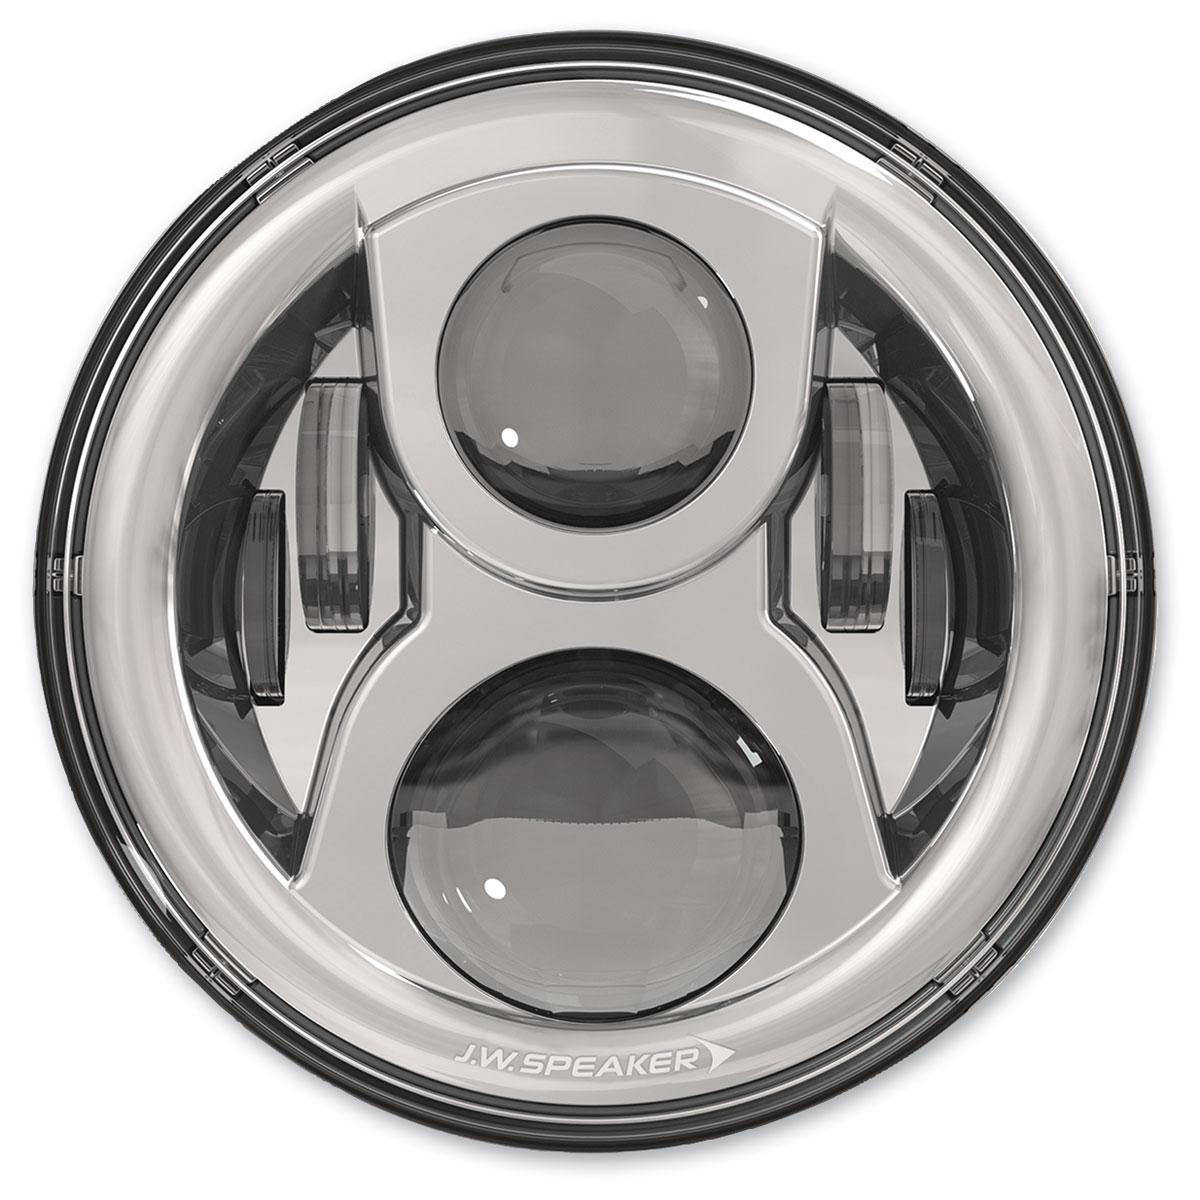 J.W. Speaker 8700 EVO 2 Chrome Dual Burn 7